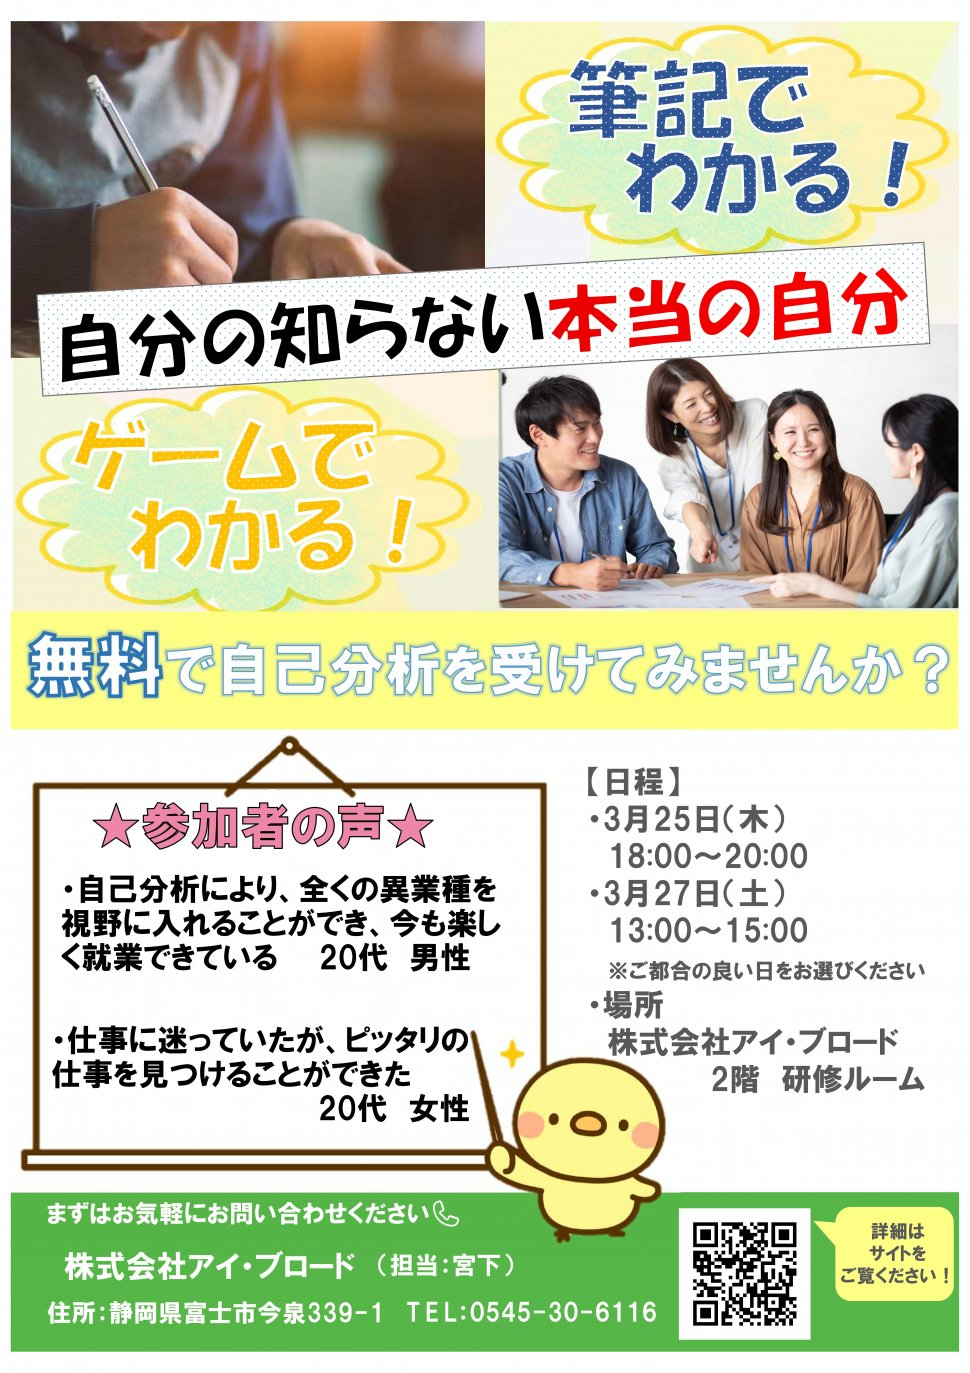 【求職者用】DPI検査2